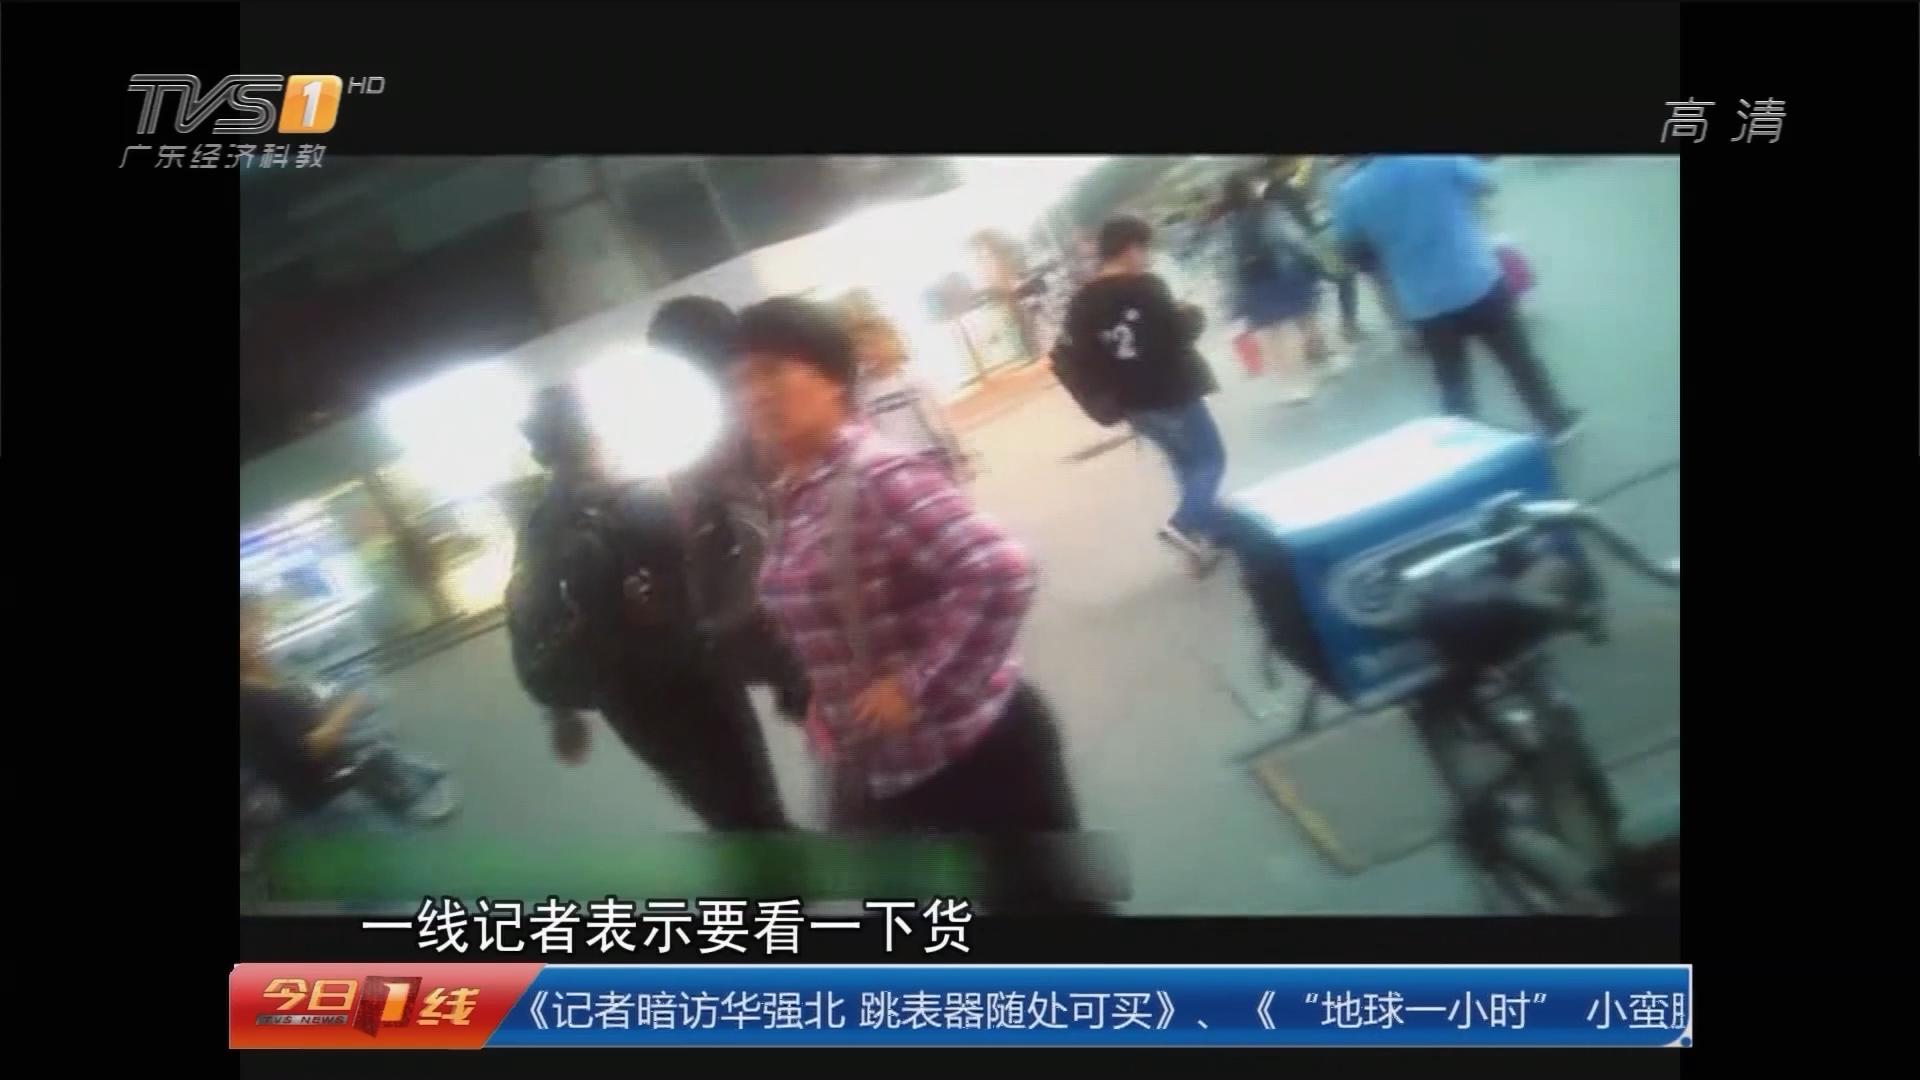 深圳华强北步行街:记者暗访华强北 跳表器随处可买